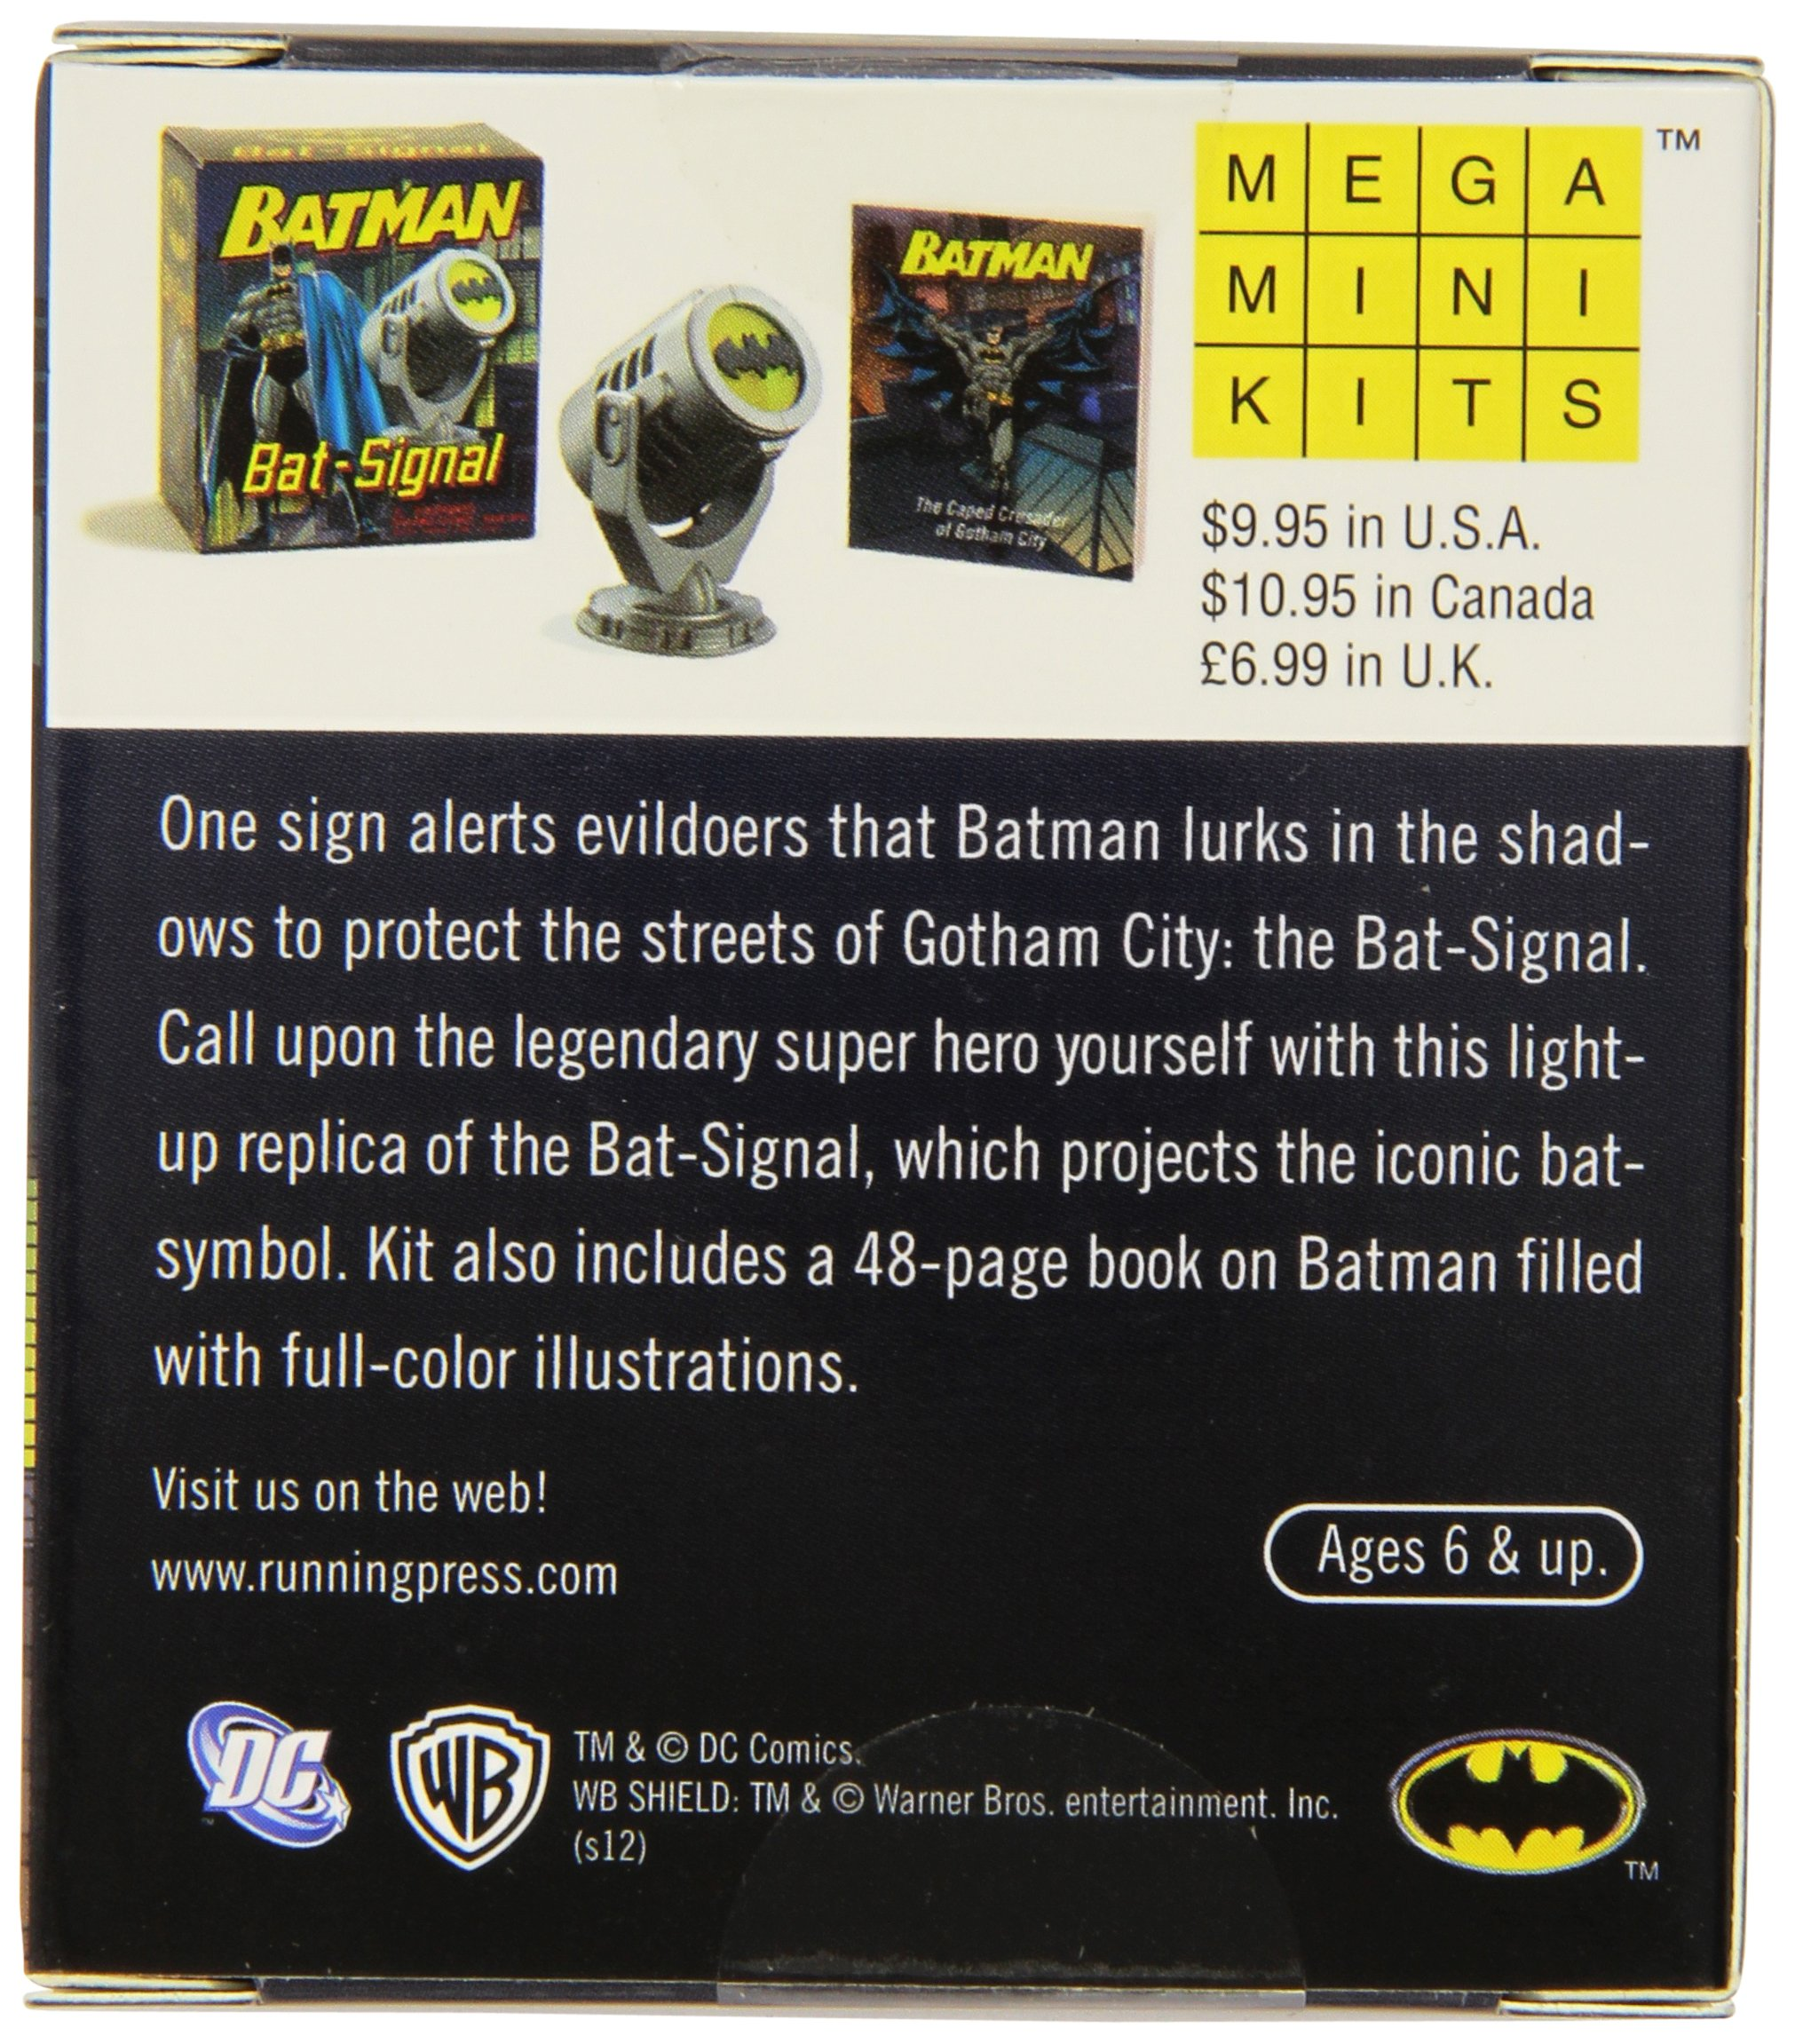 Amazoncom Batman Bat Signal Miniature Editions 0000762445262